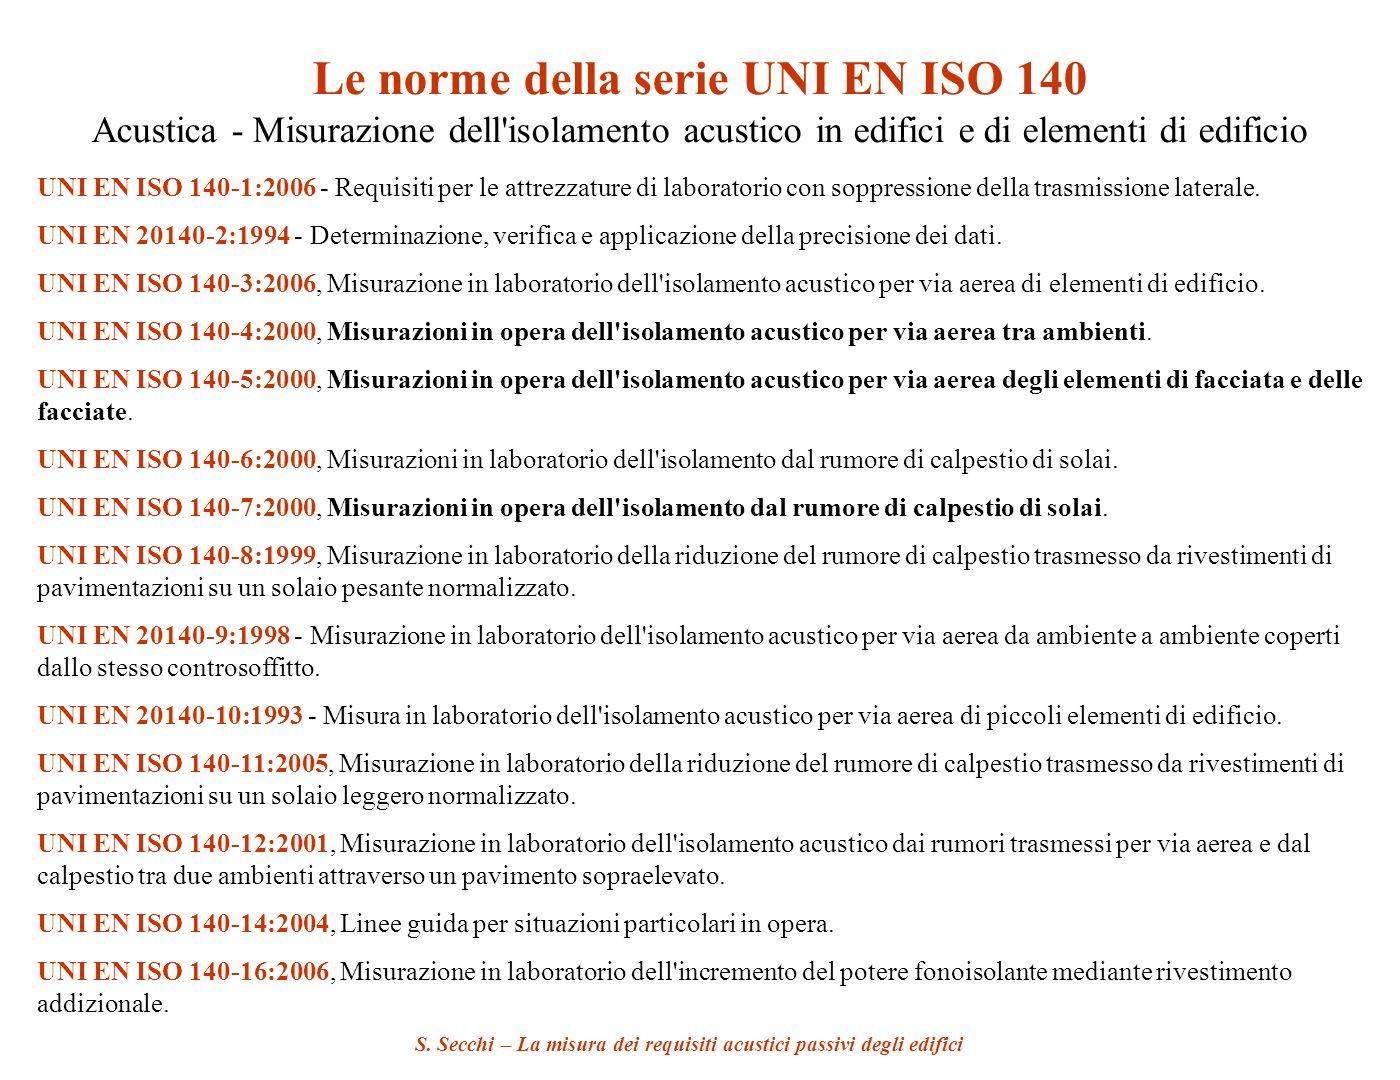 S. Secchi – La misura dei requisiti acustici passivi degli edifici Le norme della serie UNI EN ISO 140 Acustica - Misurazione dell'isolamento acustico